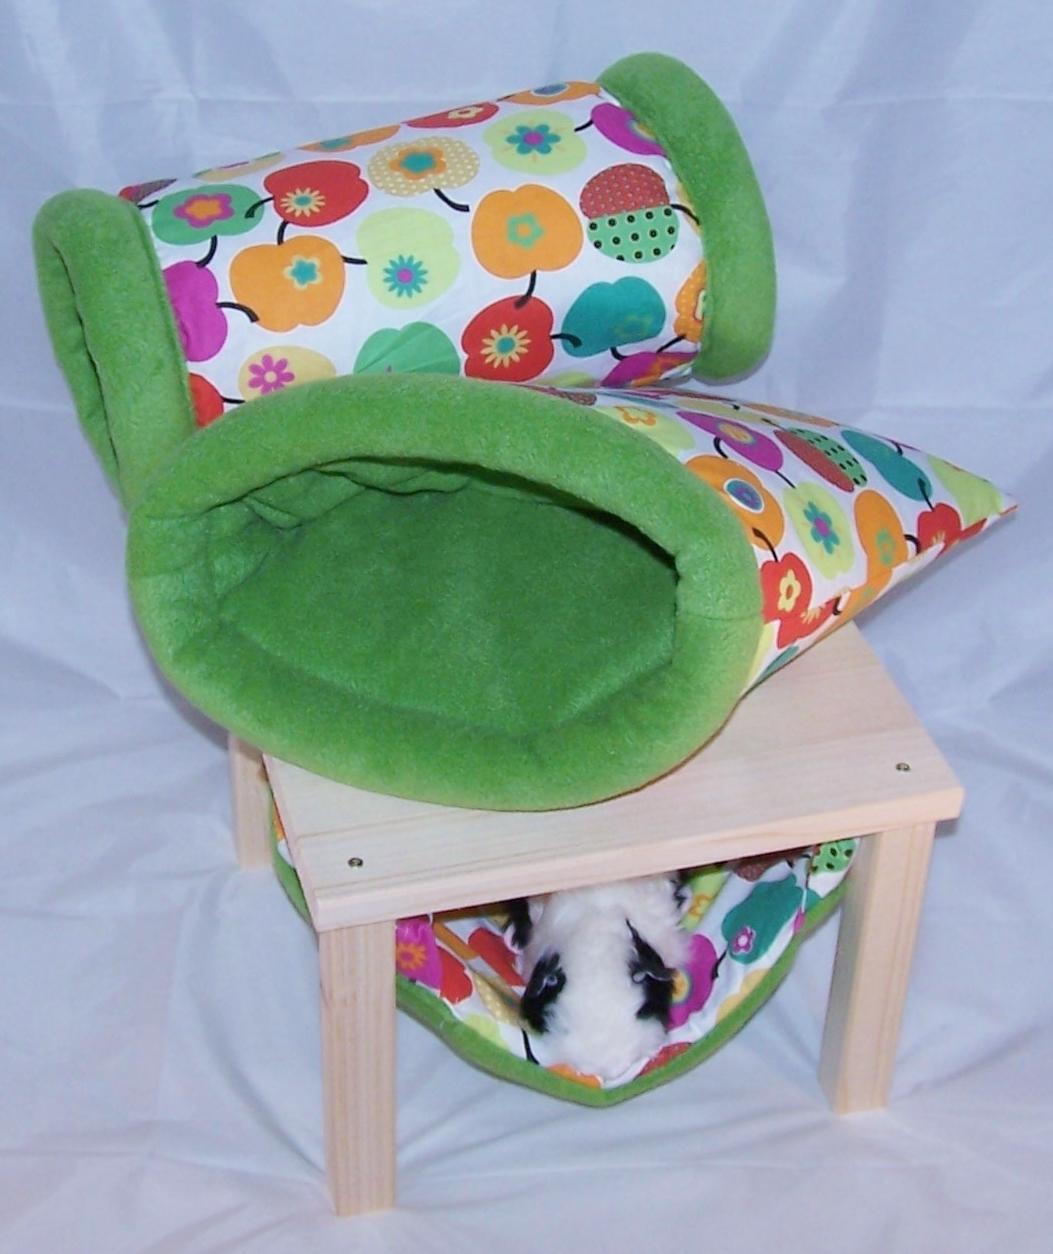 kuschelsachen kuscheltunnel h ngematten usw f r. Black Bedroom Furniture Sets. Home Design Ideas